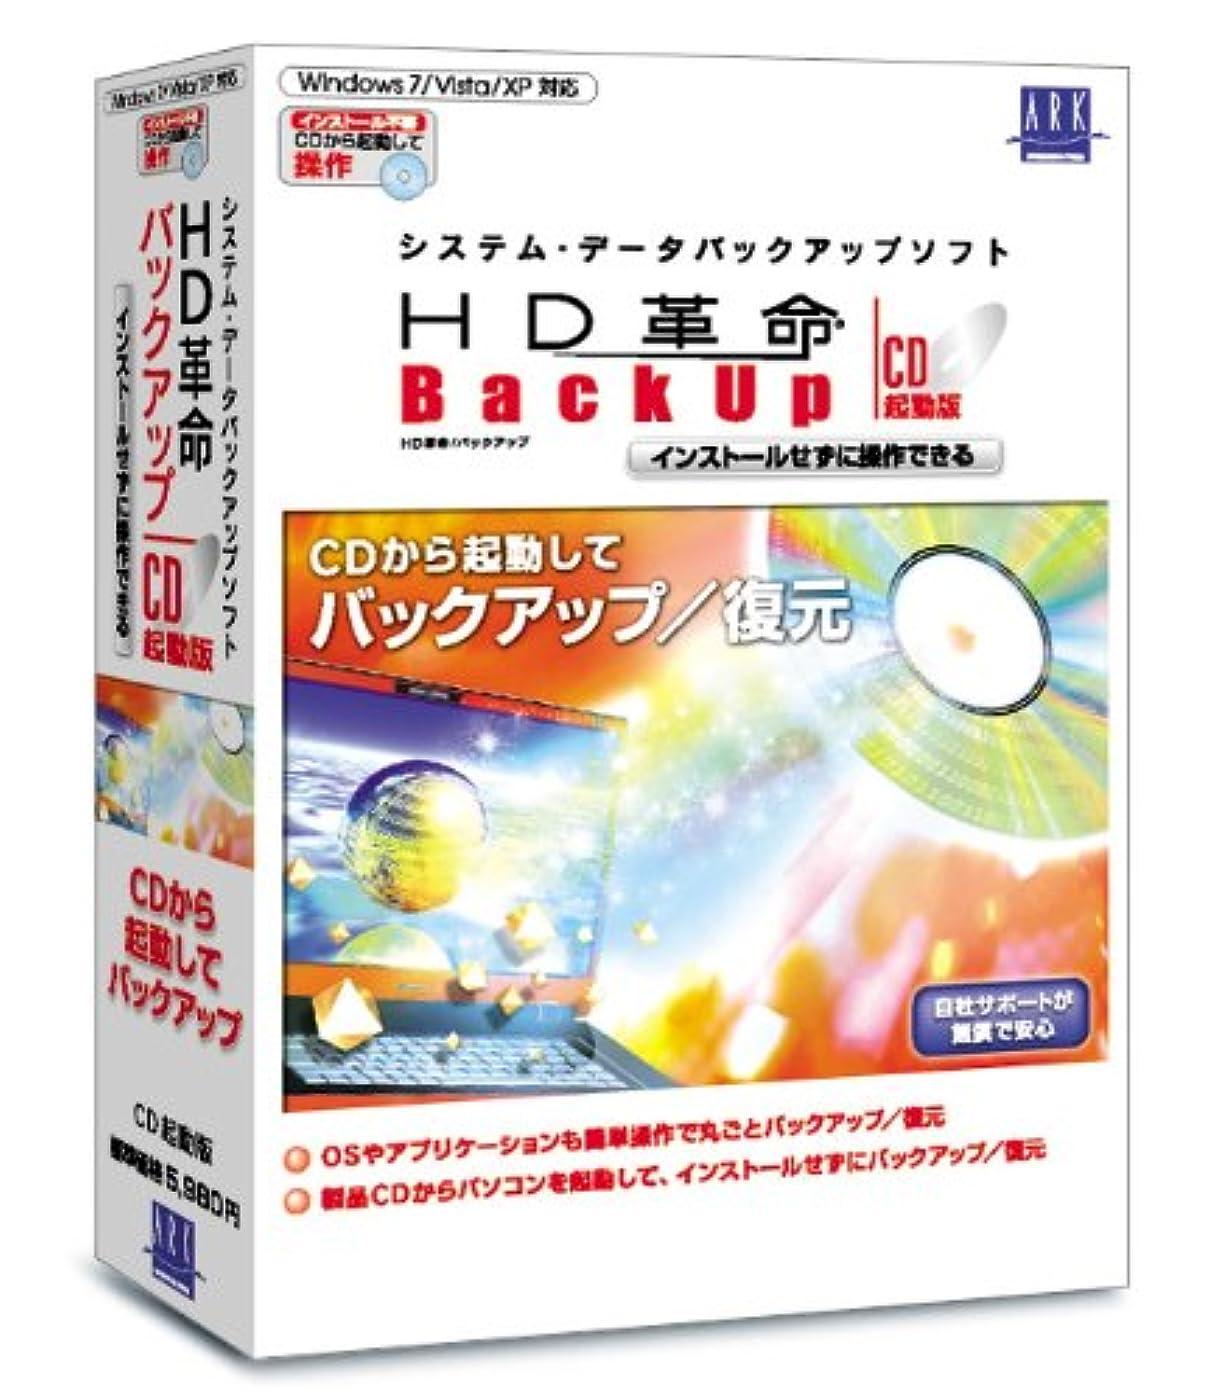 HD革命/BackUp CD起動版